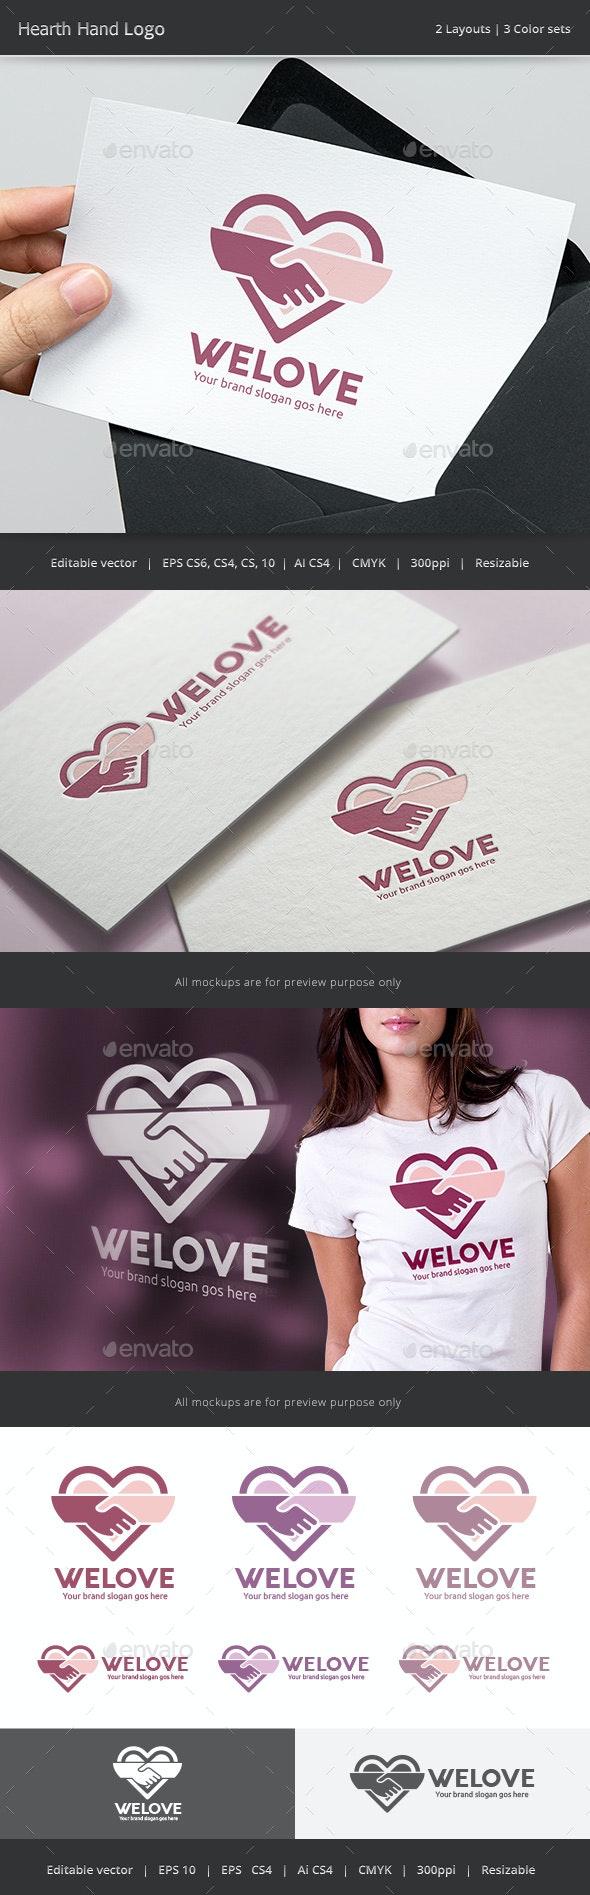 Hearth Hand Love Logo